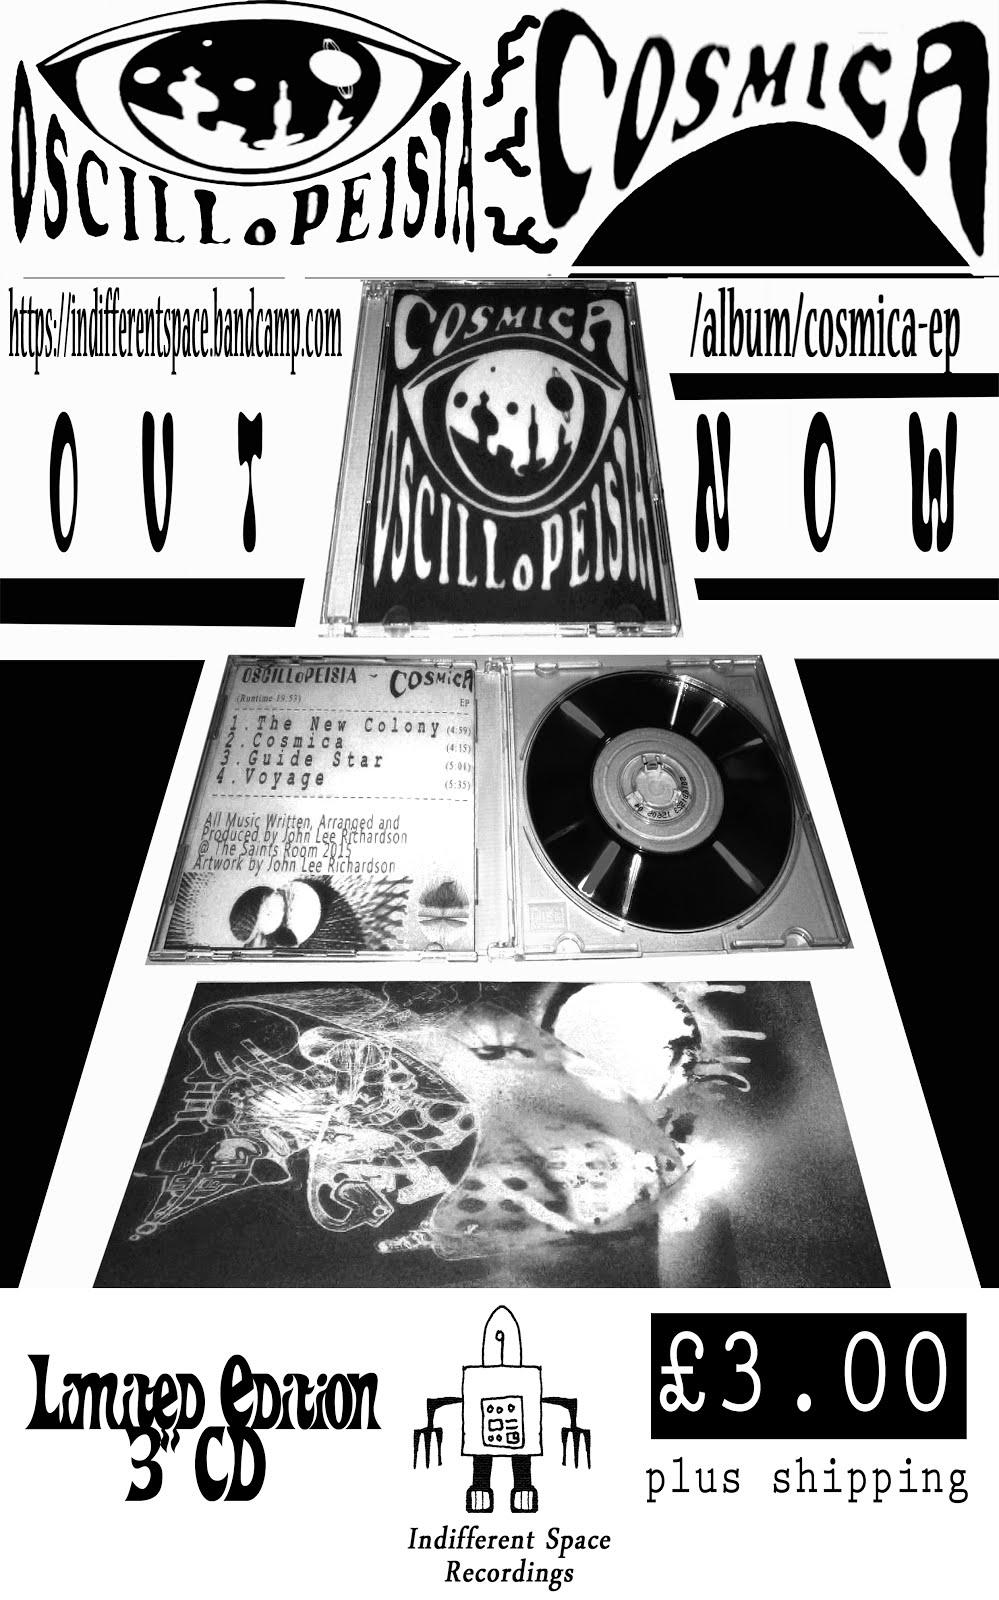 Oscillopeisia - Cosmica EP